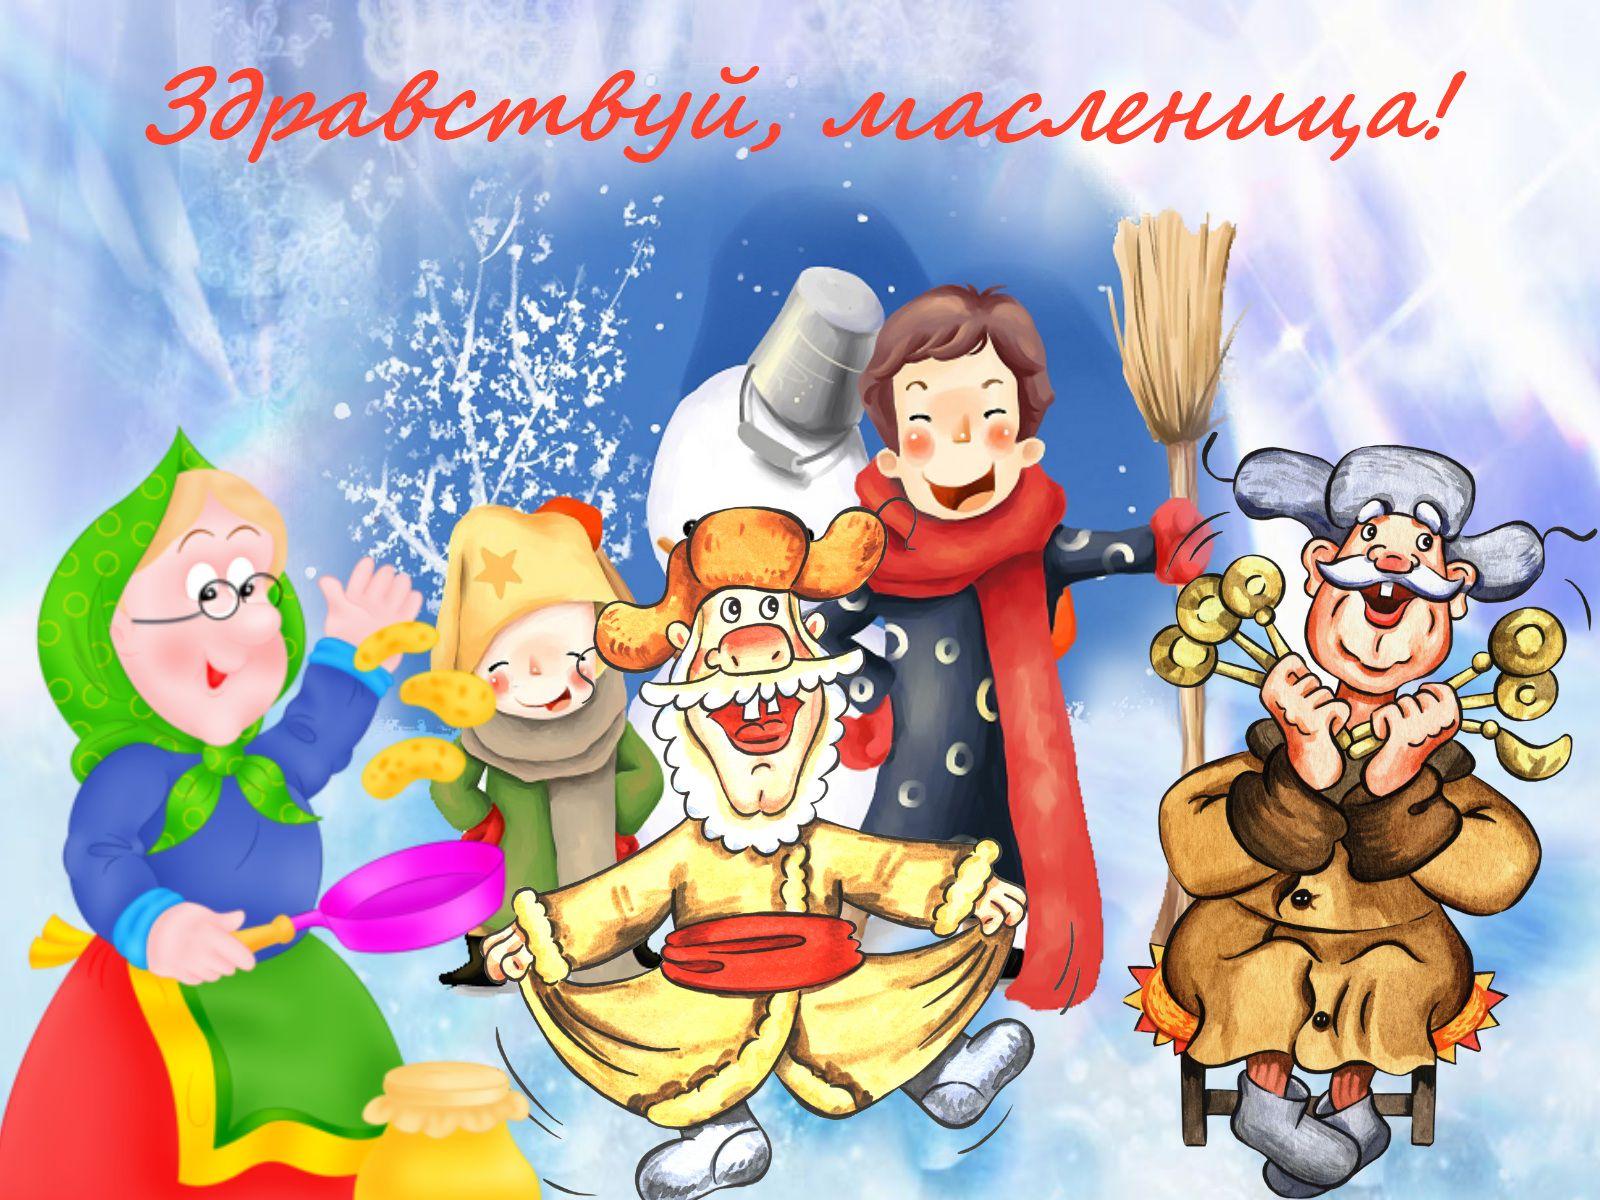 Рисунки, открытки веселых праздников